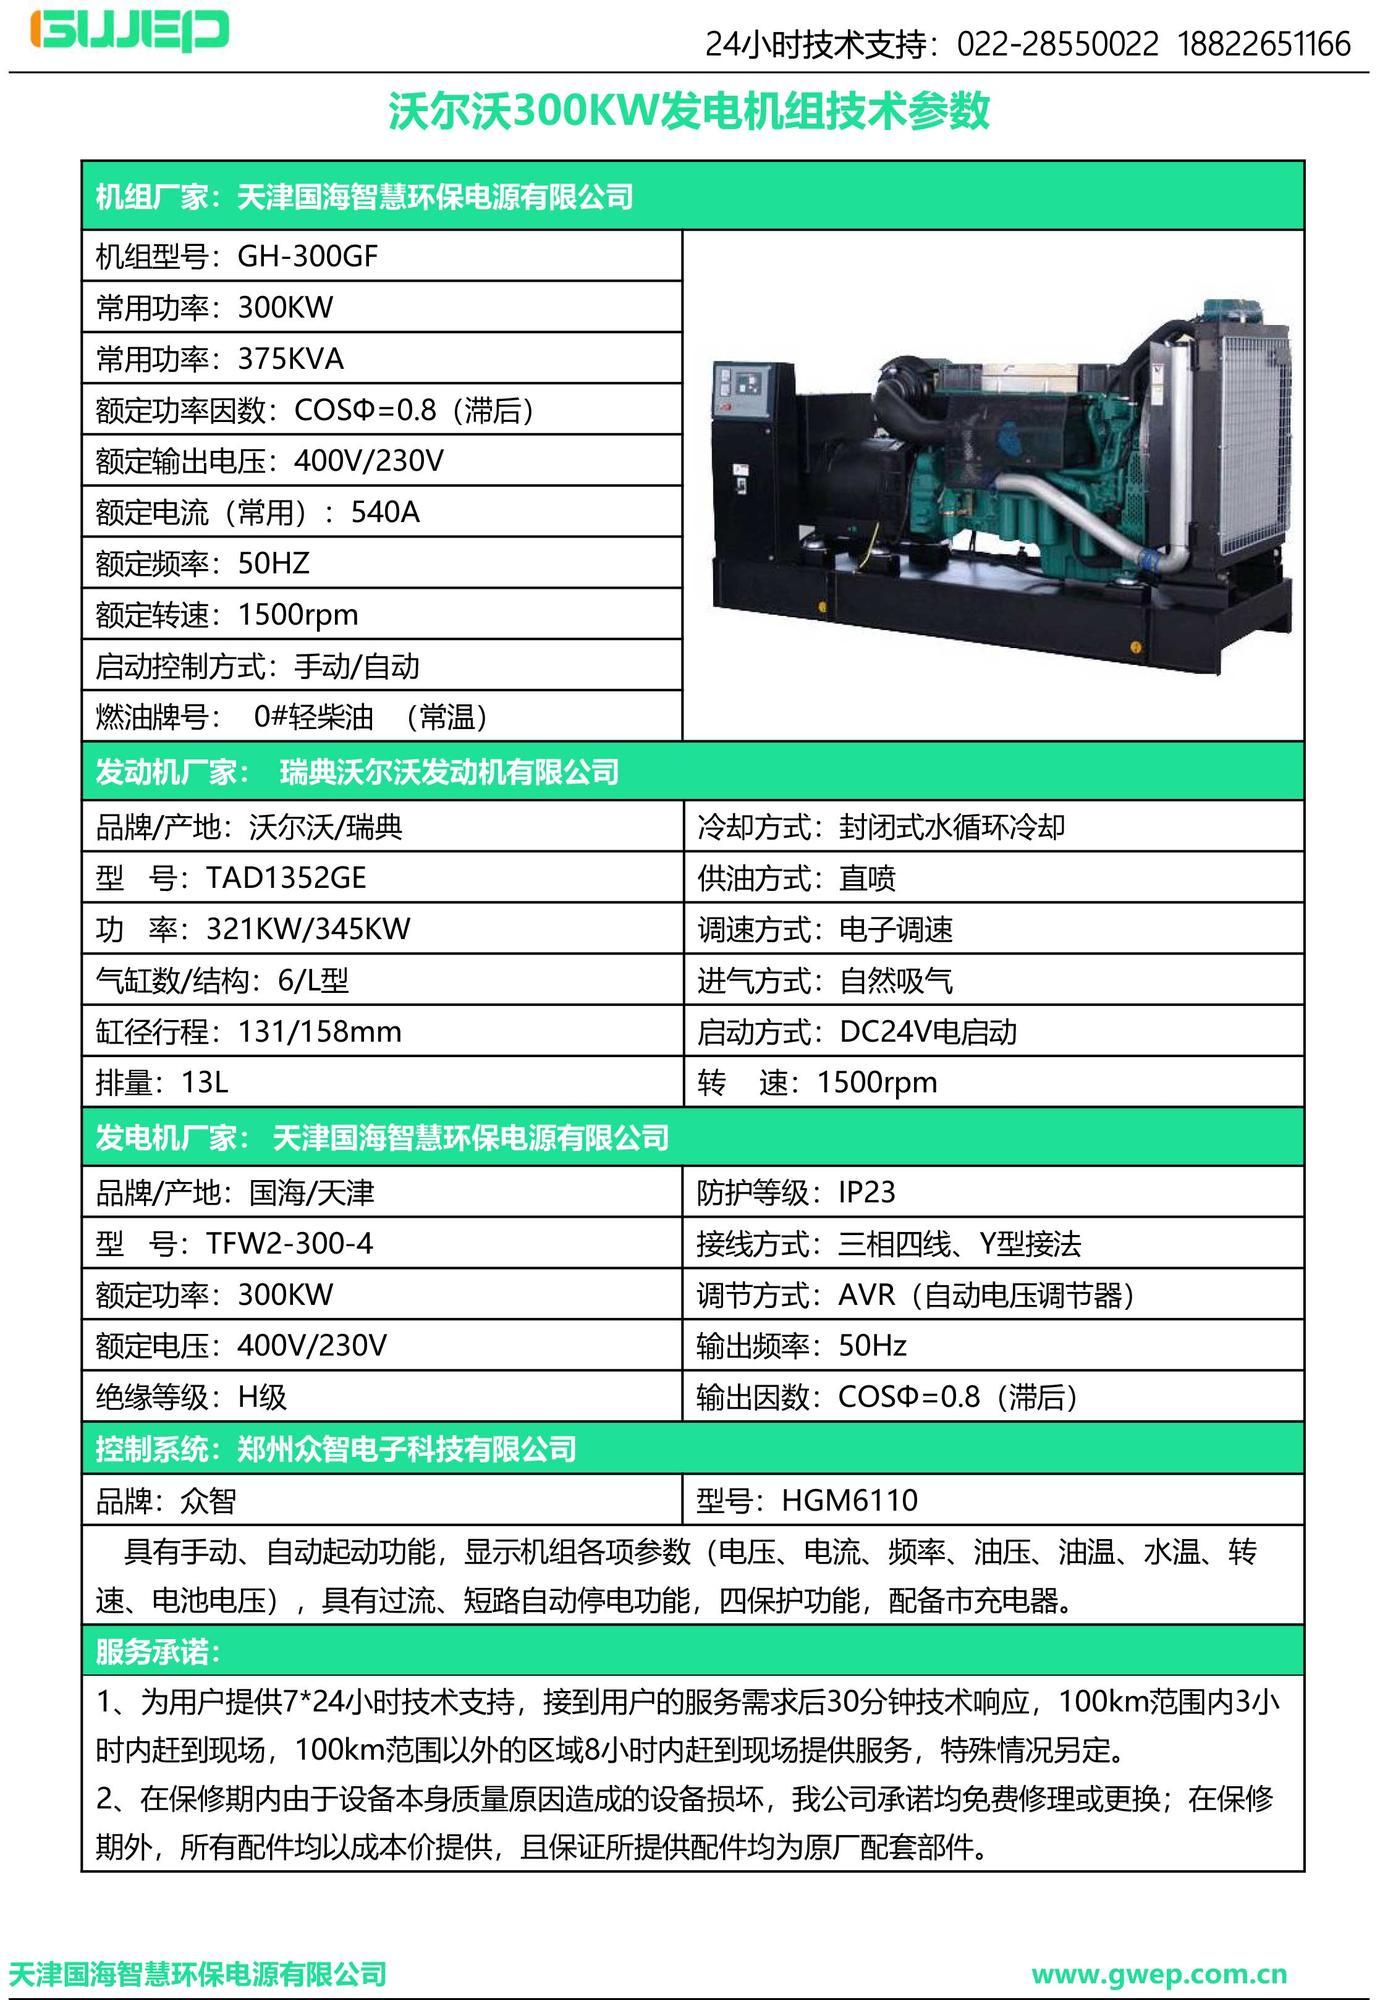 沃尔沃300KW发电机组技术资料-2.jpg